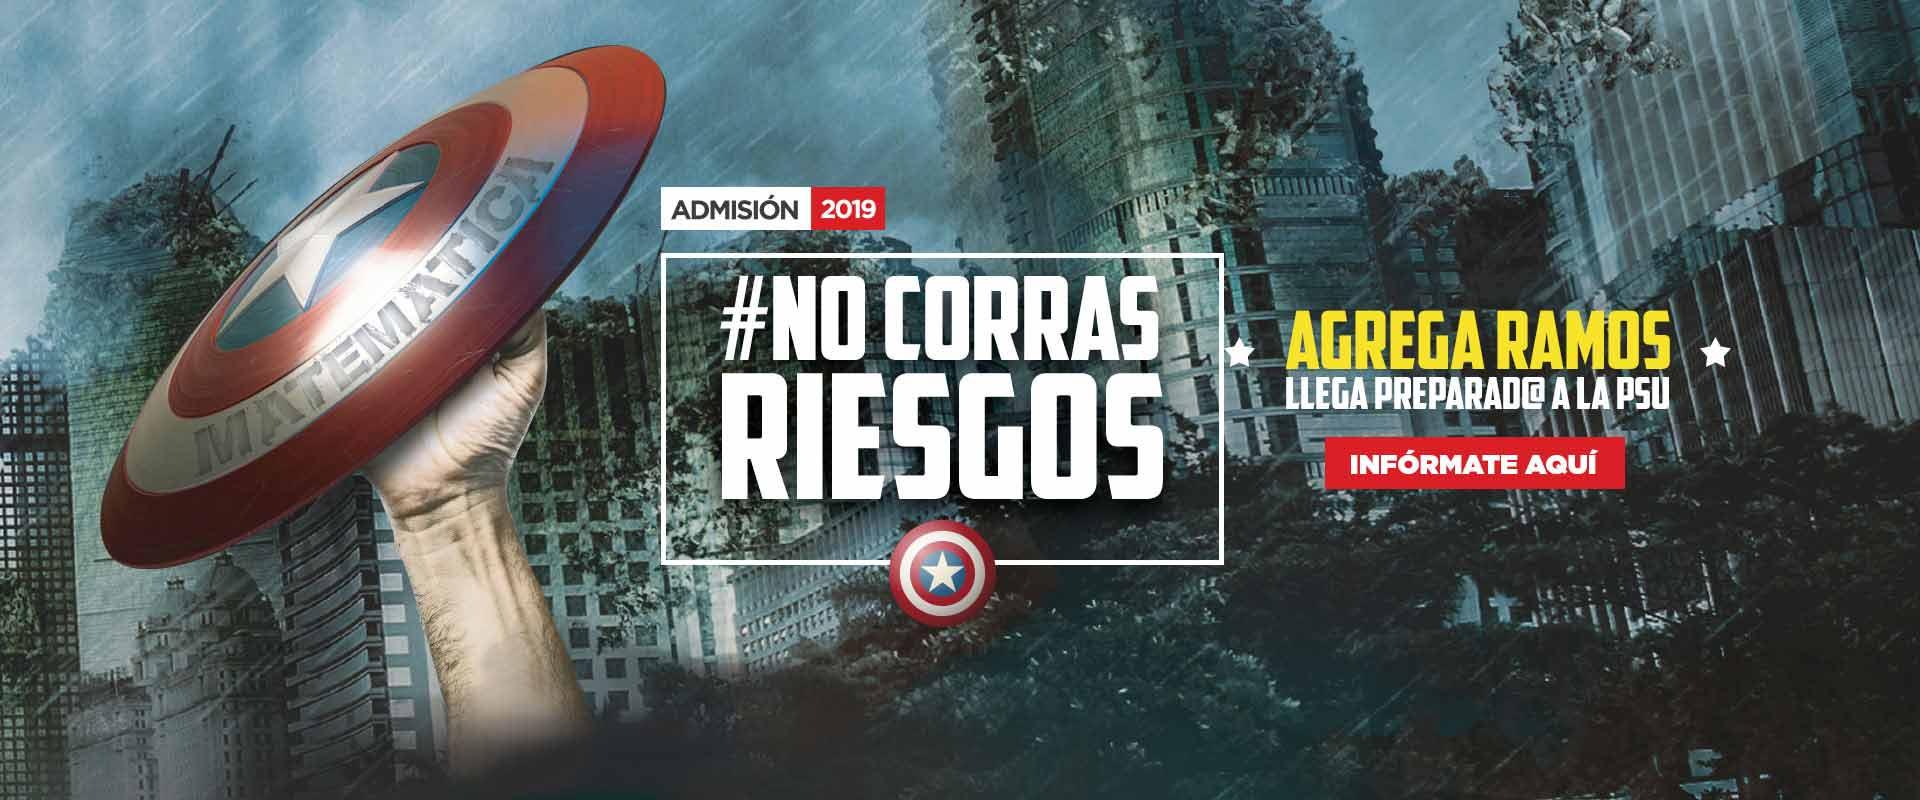 Agrega 2019 - Preuniversitario Pedro de Valdivia